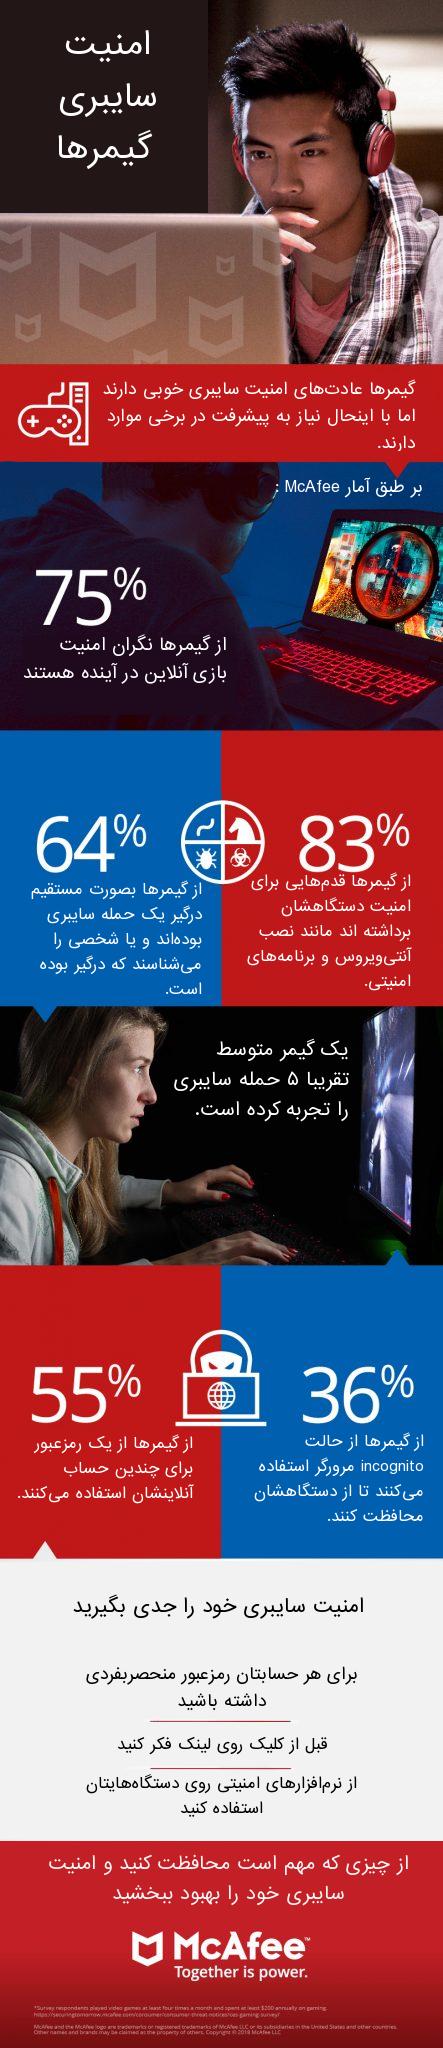 آمار McAfee از امنیت سایبری گیمرها